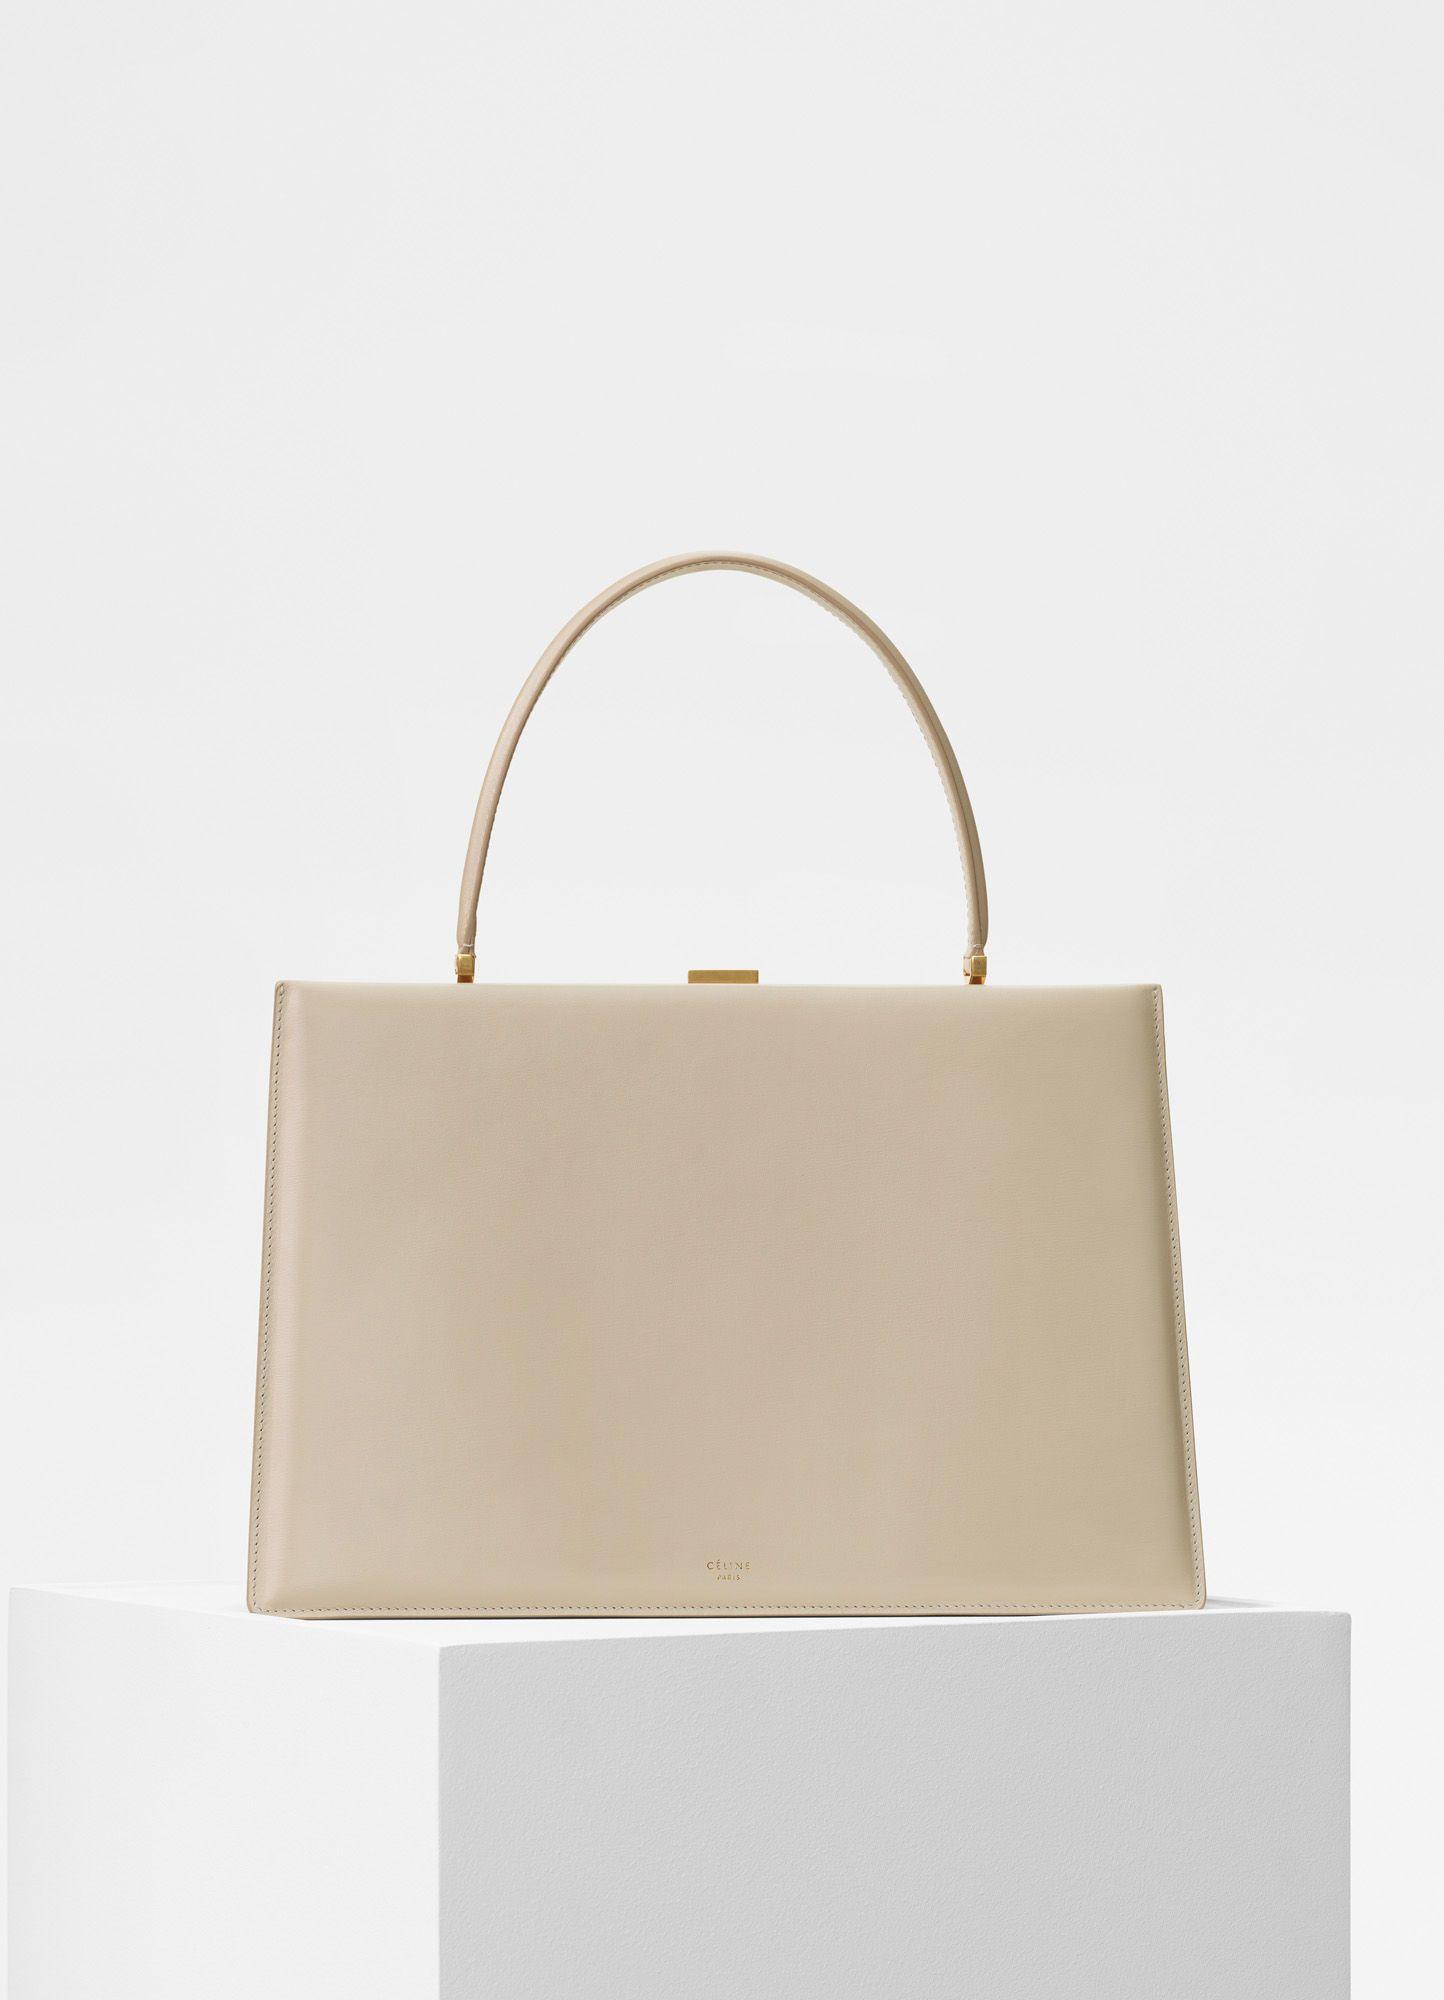 072f704ba0d9 Medium Clasp bag in box calfskin - Handbags